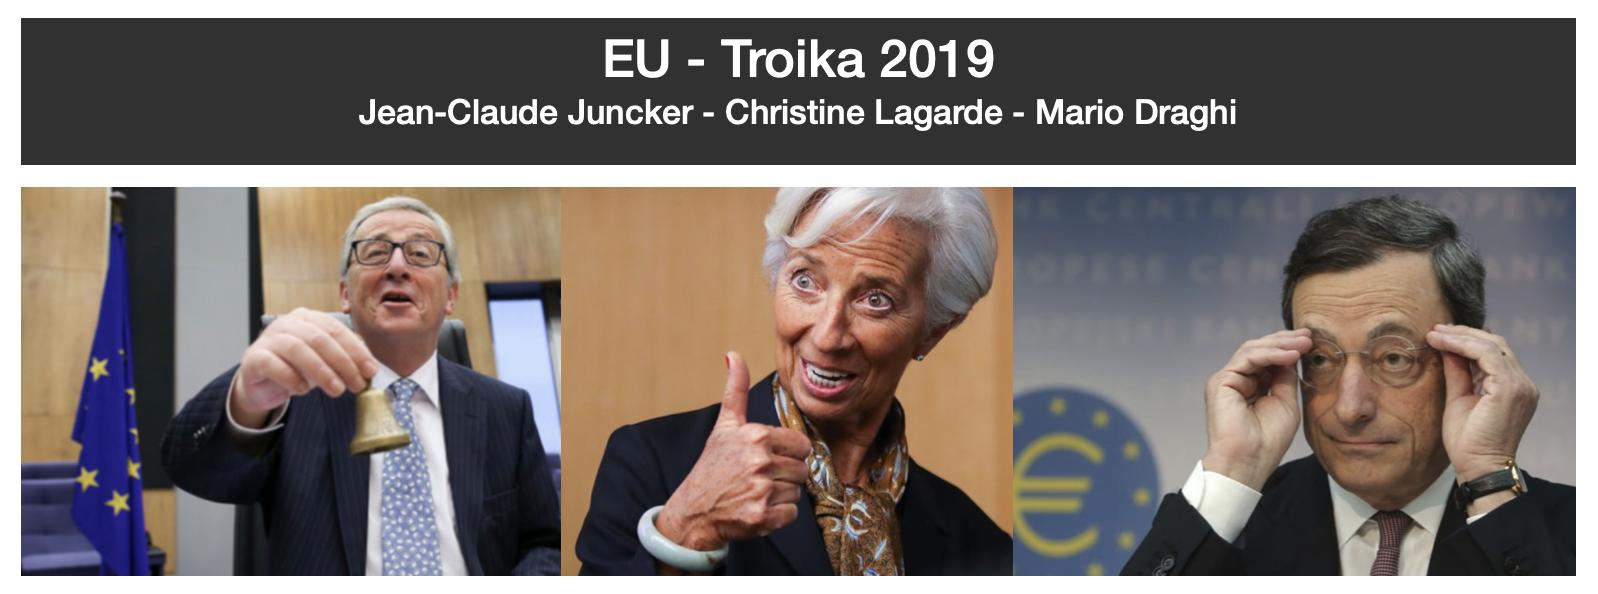 EU Troika 2019